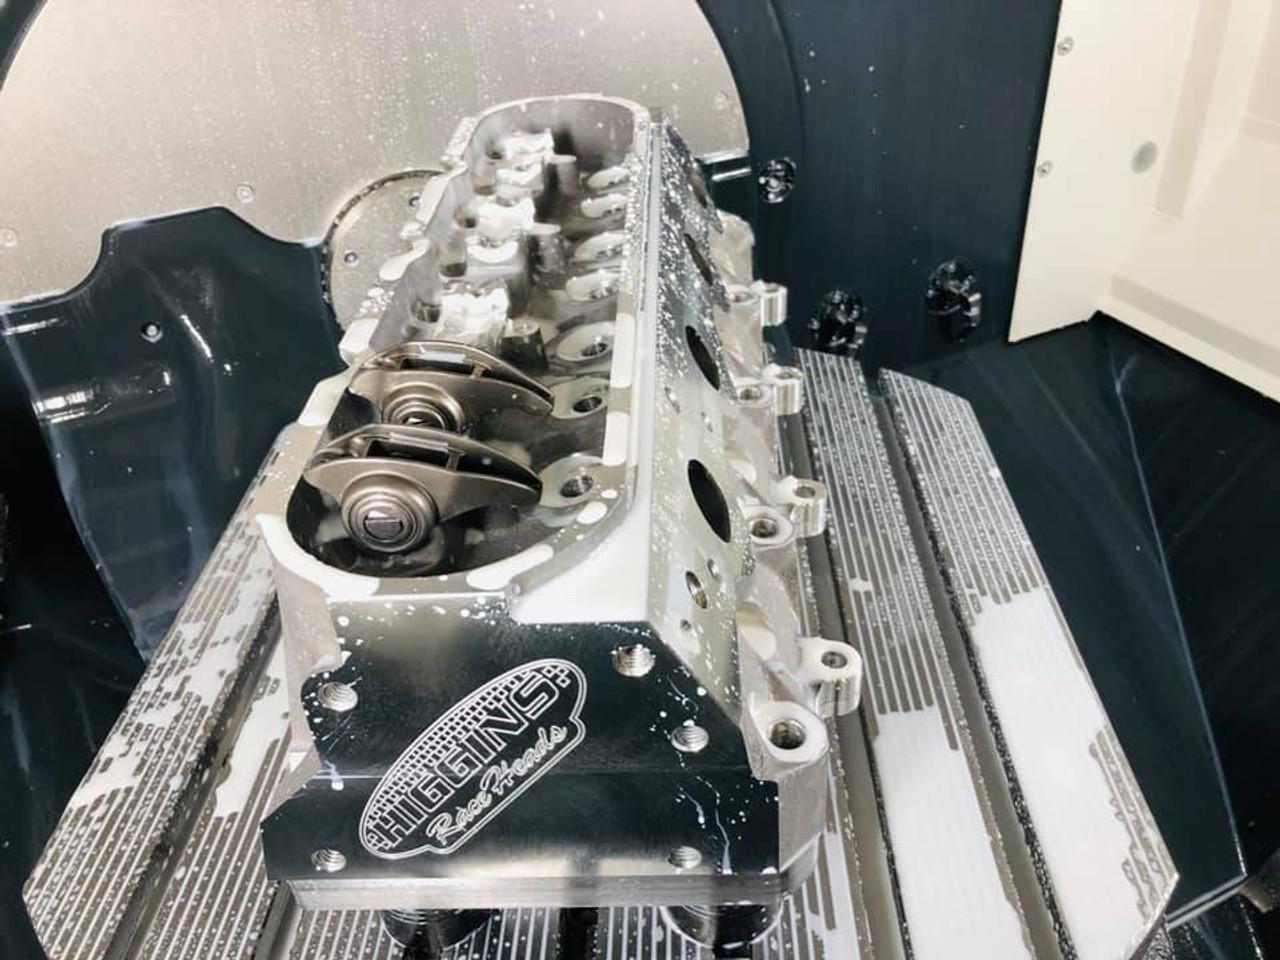 Higgins HRD LS7 Port 12 Degree 300cc Heads | Assembled